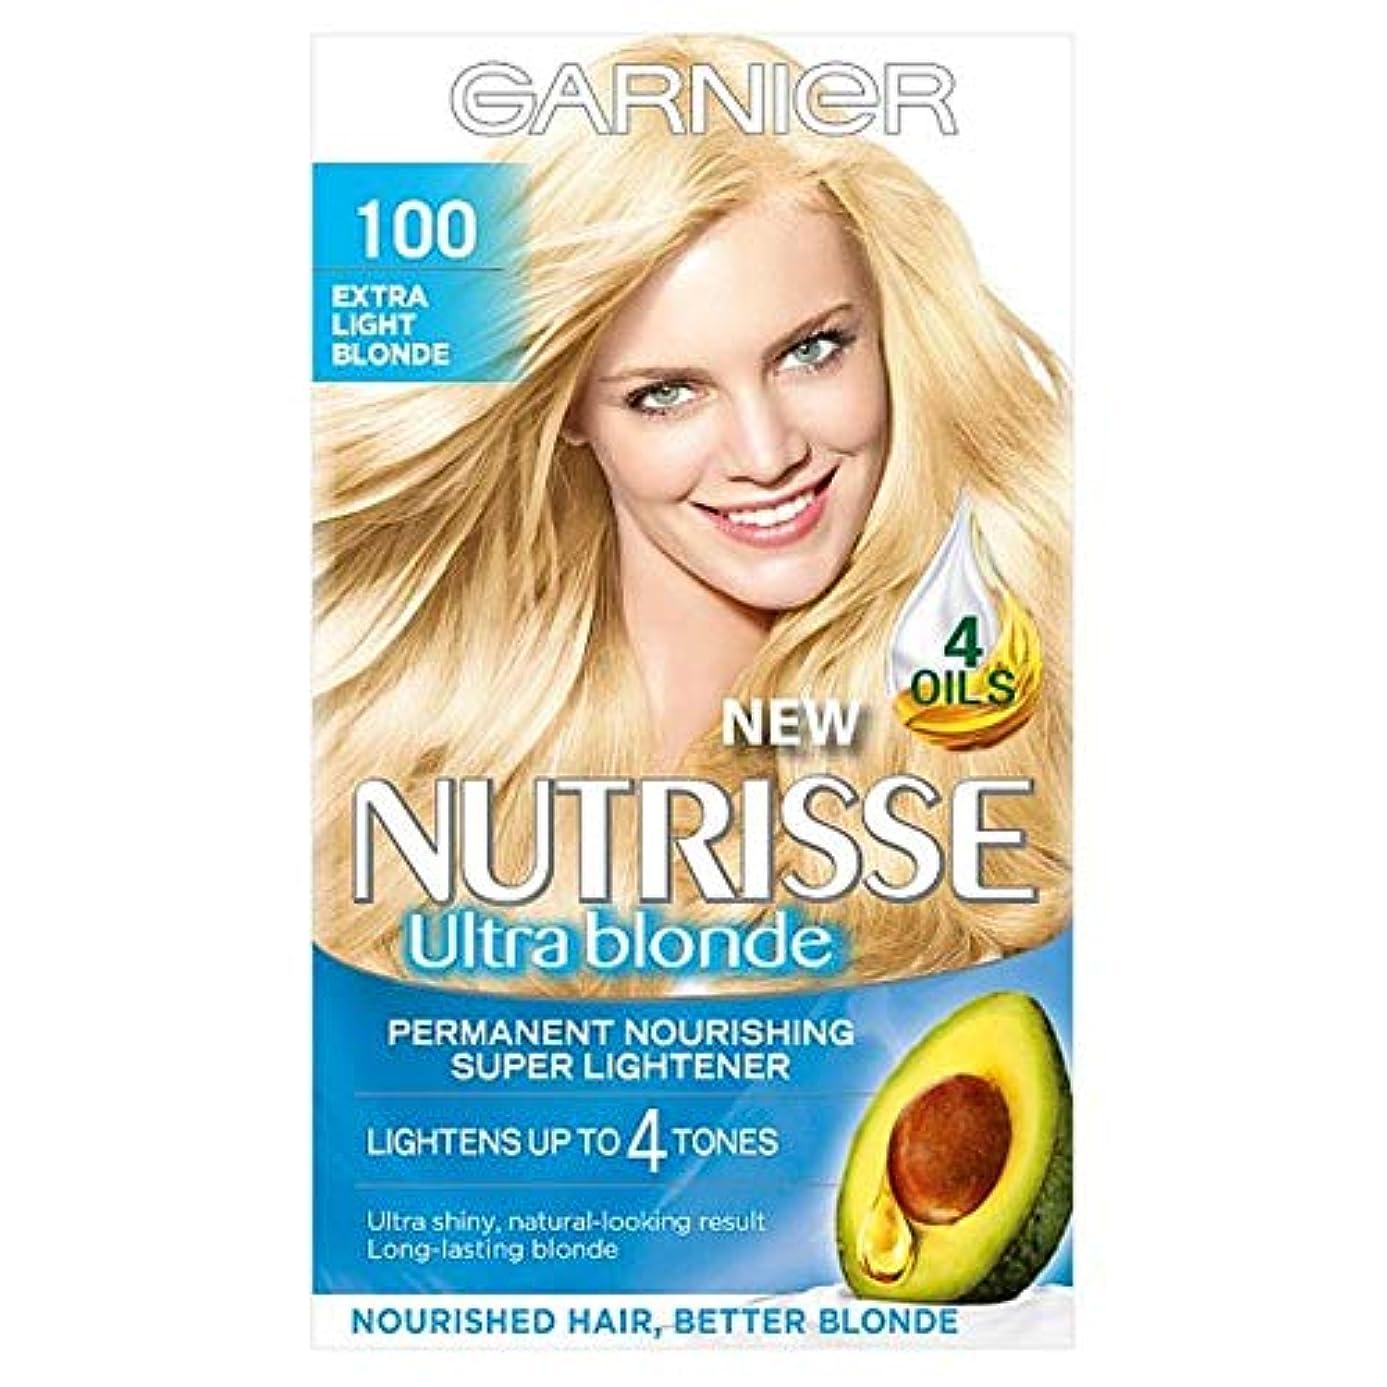 ダウンタウン倍増猟犬[Nutrisse] 100余分な光ブロンドの永久染毛剤Nutrisseガルニエ - Garnier Nutrisse 100 Extra Light Blonde Permanent Hair Dye [並行輸入品]